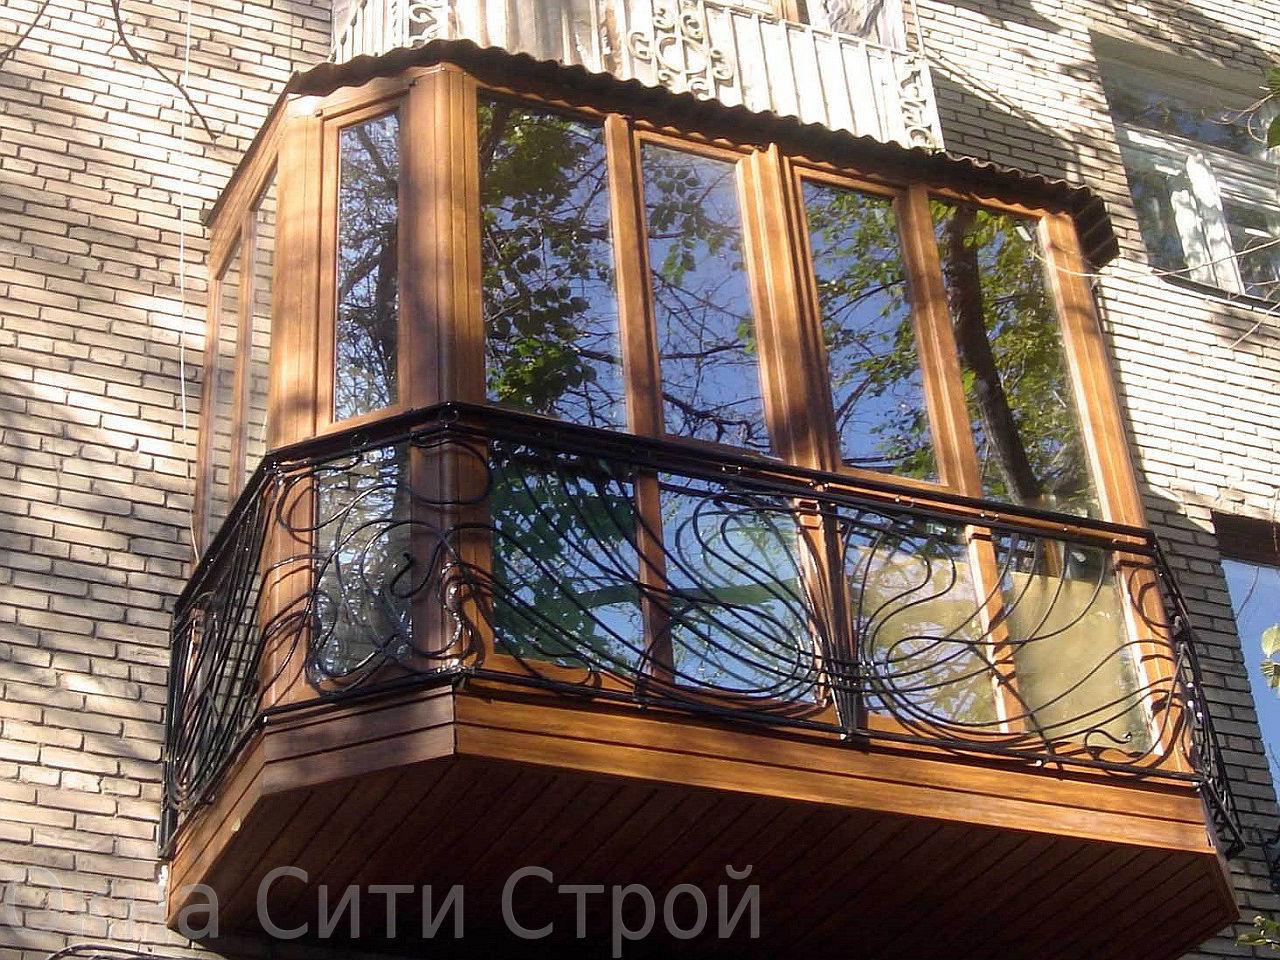 Бесплатные объявления на elett.ru, 6 страница.